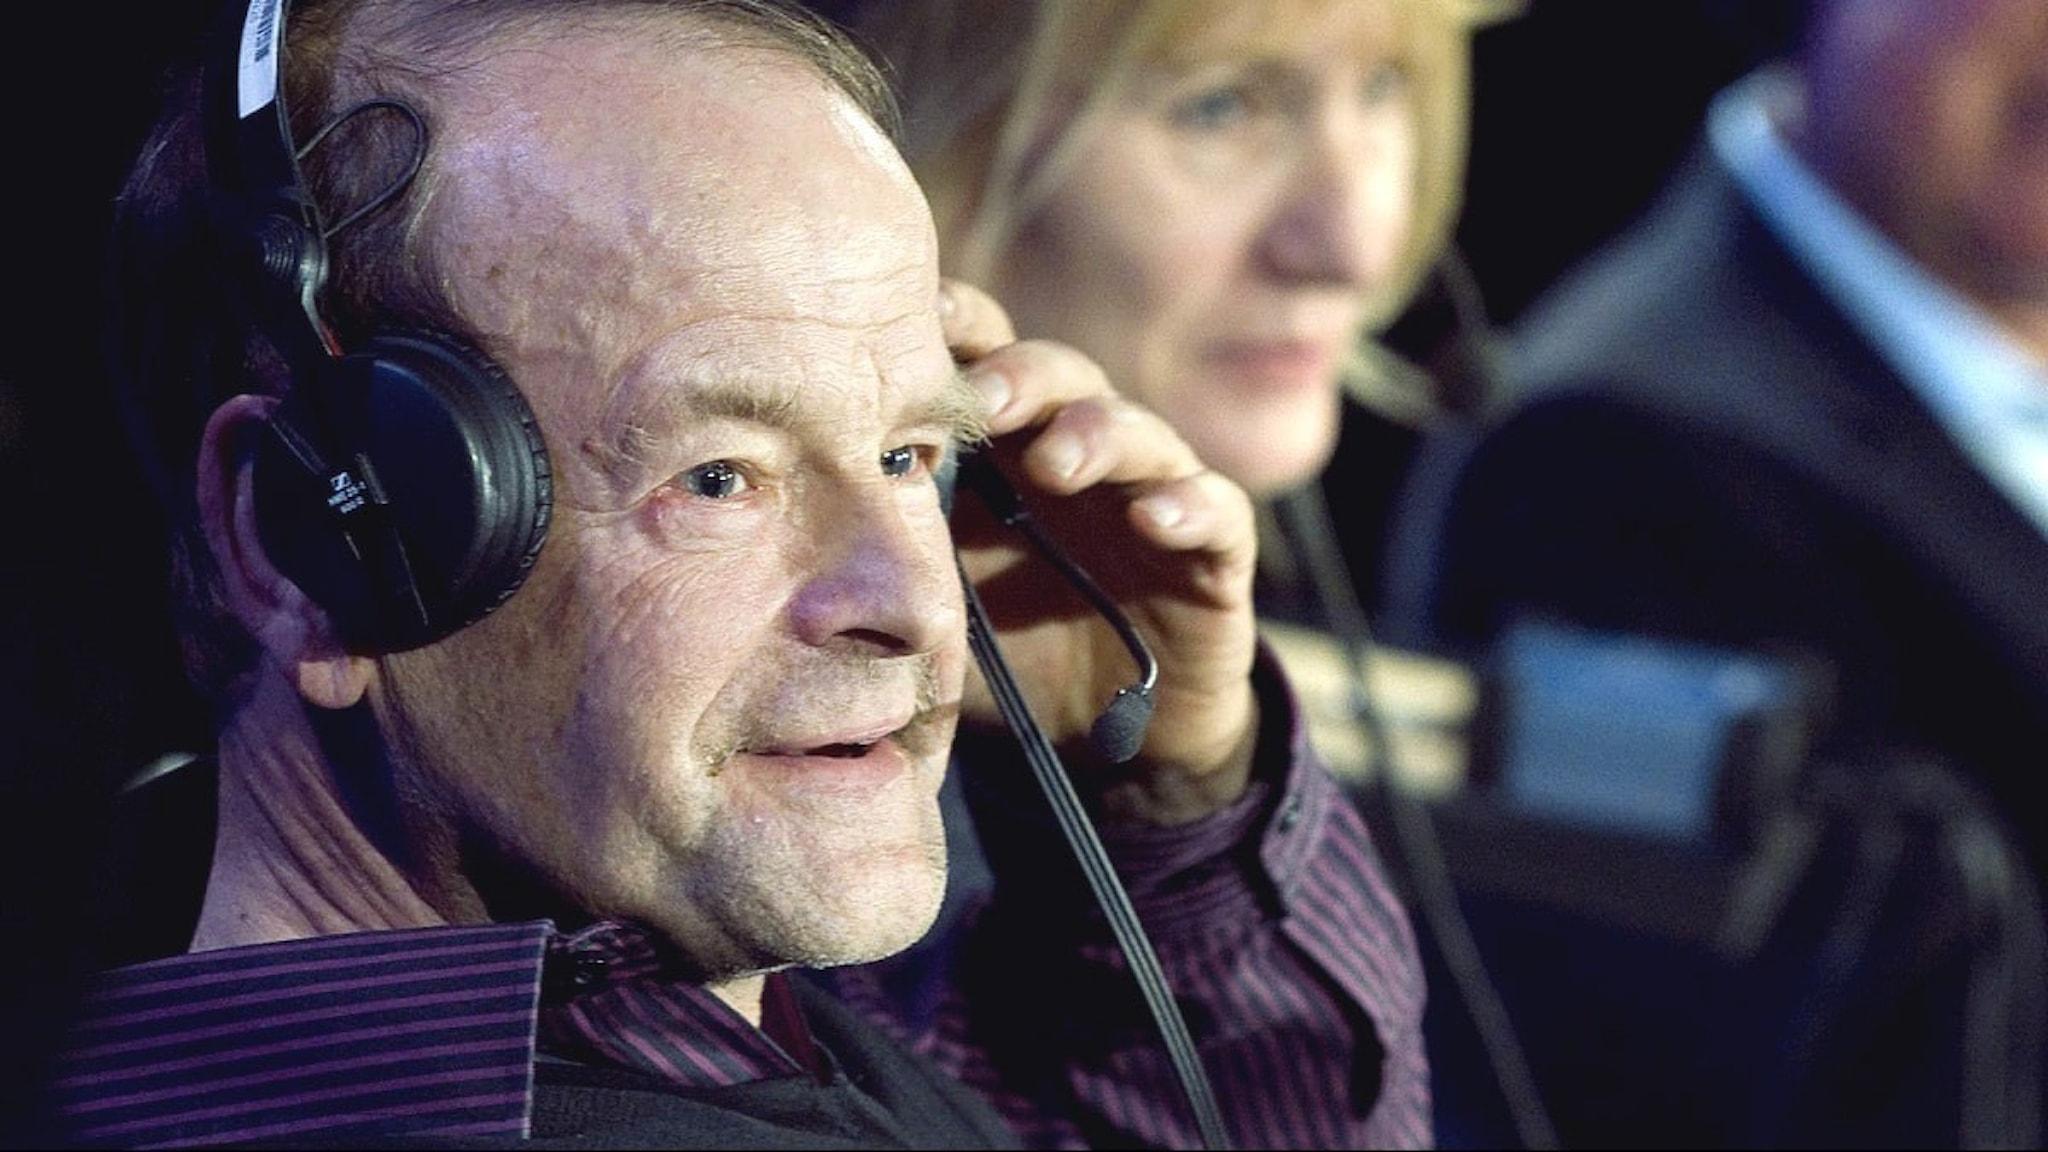 Radiosportens kommentator Mats Strandberg